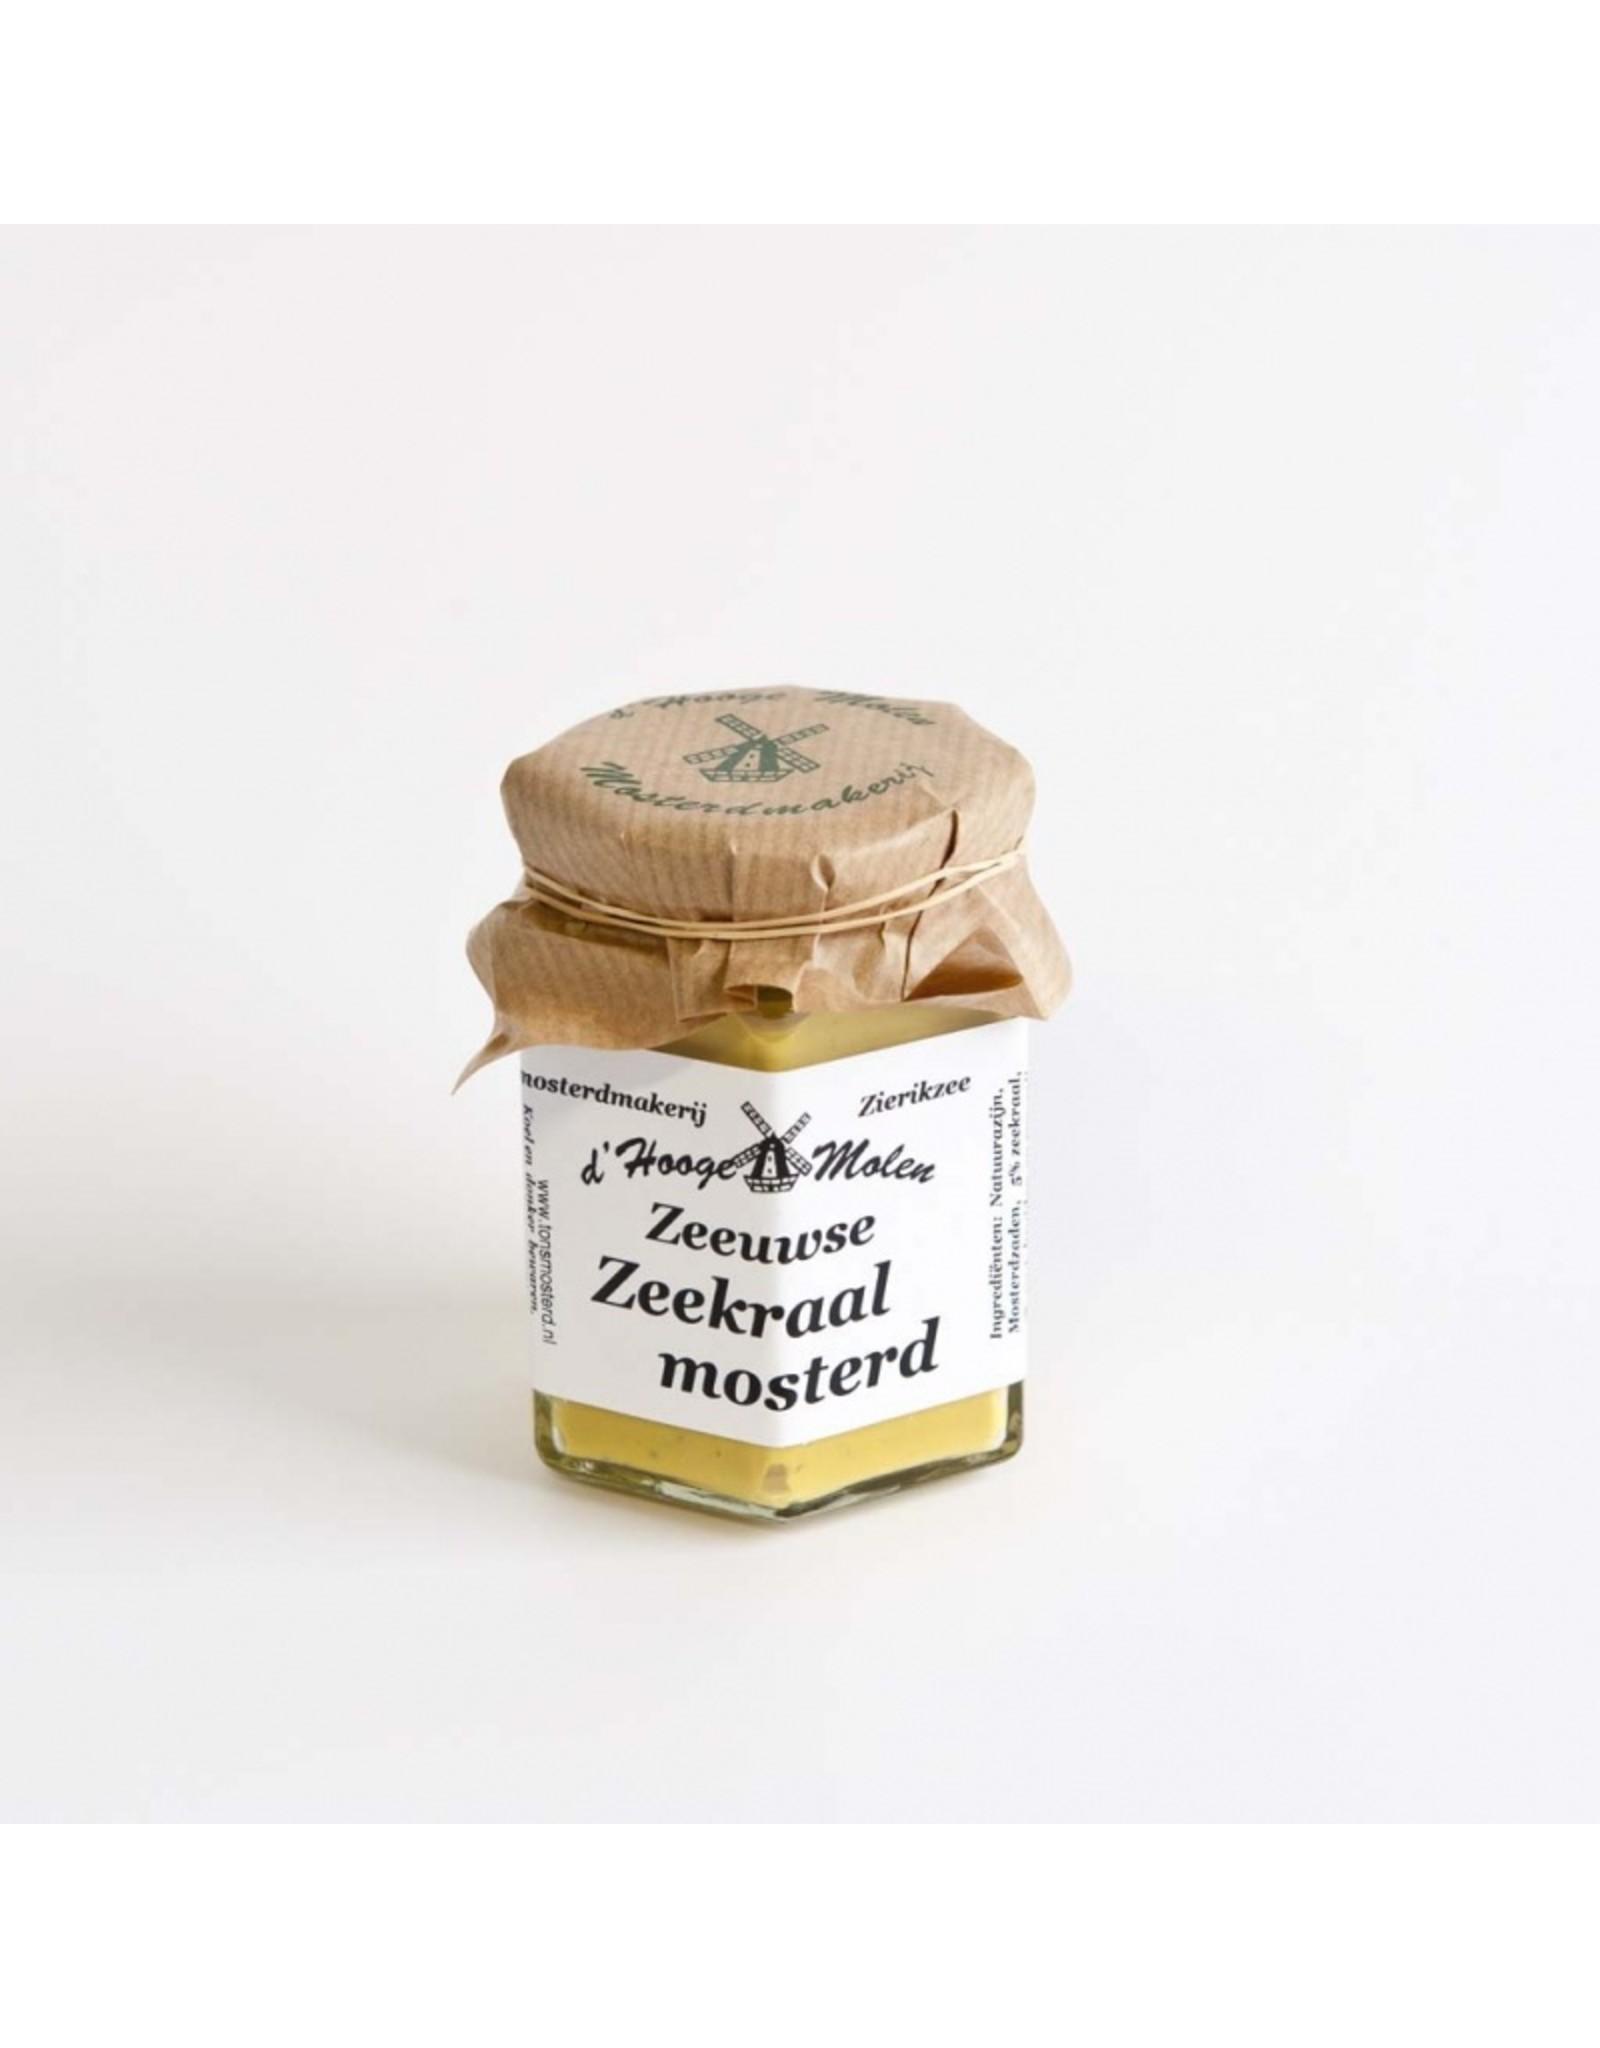 Zeeuwse zeekraal mosterd 170 gram